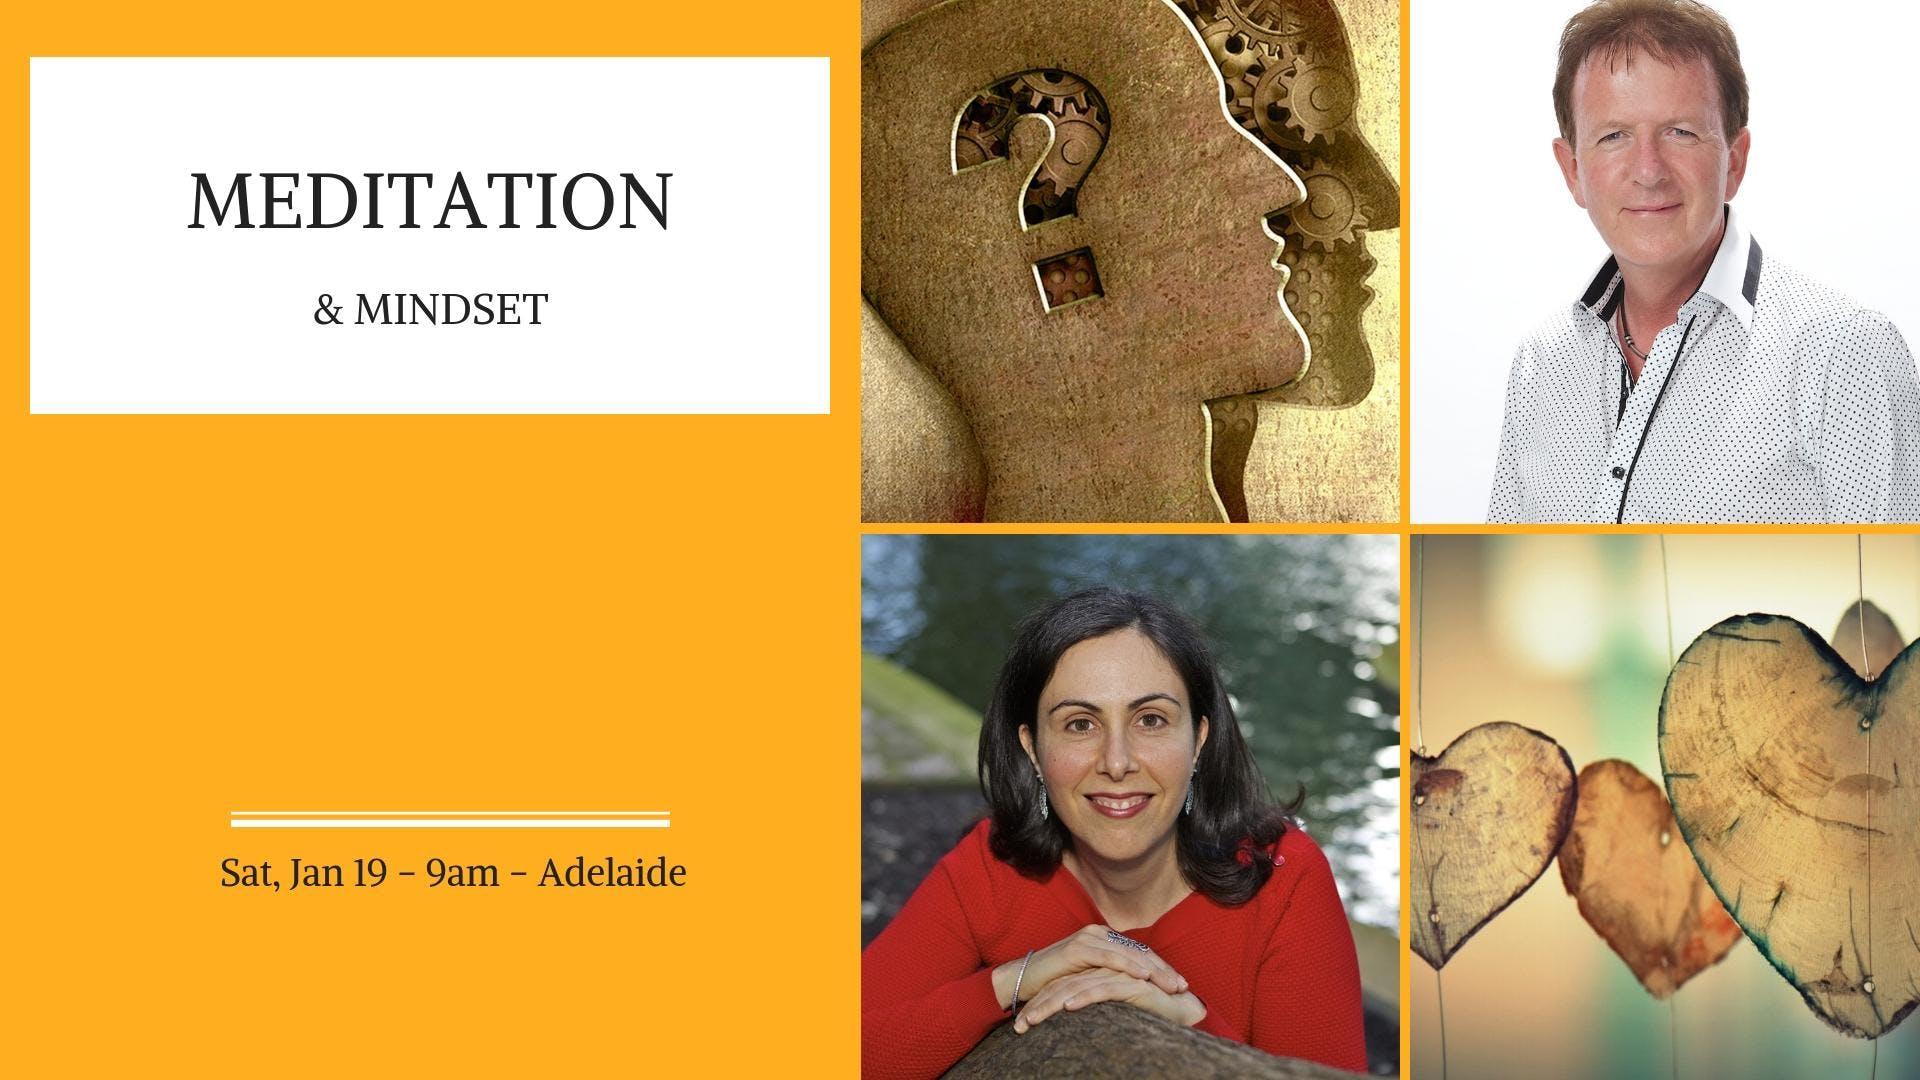 Meditation & Mindset Event - Adelaide